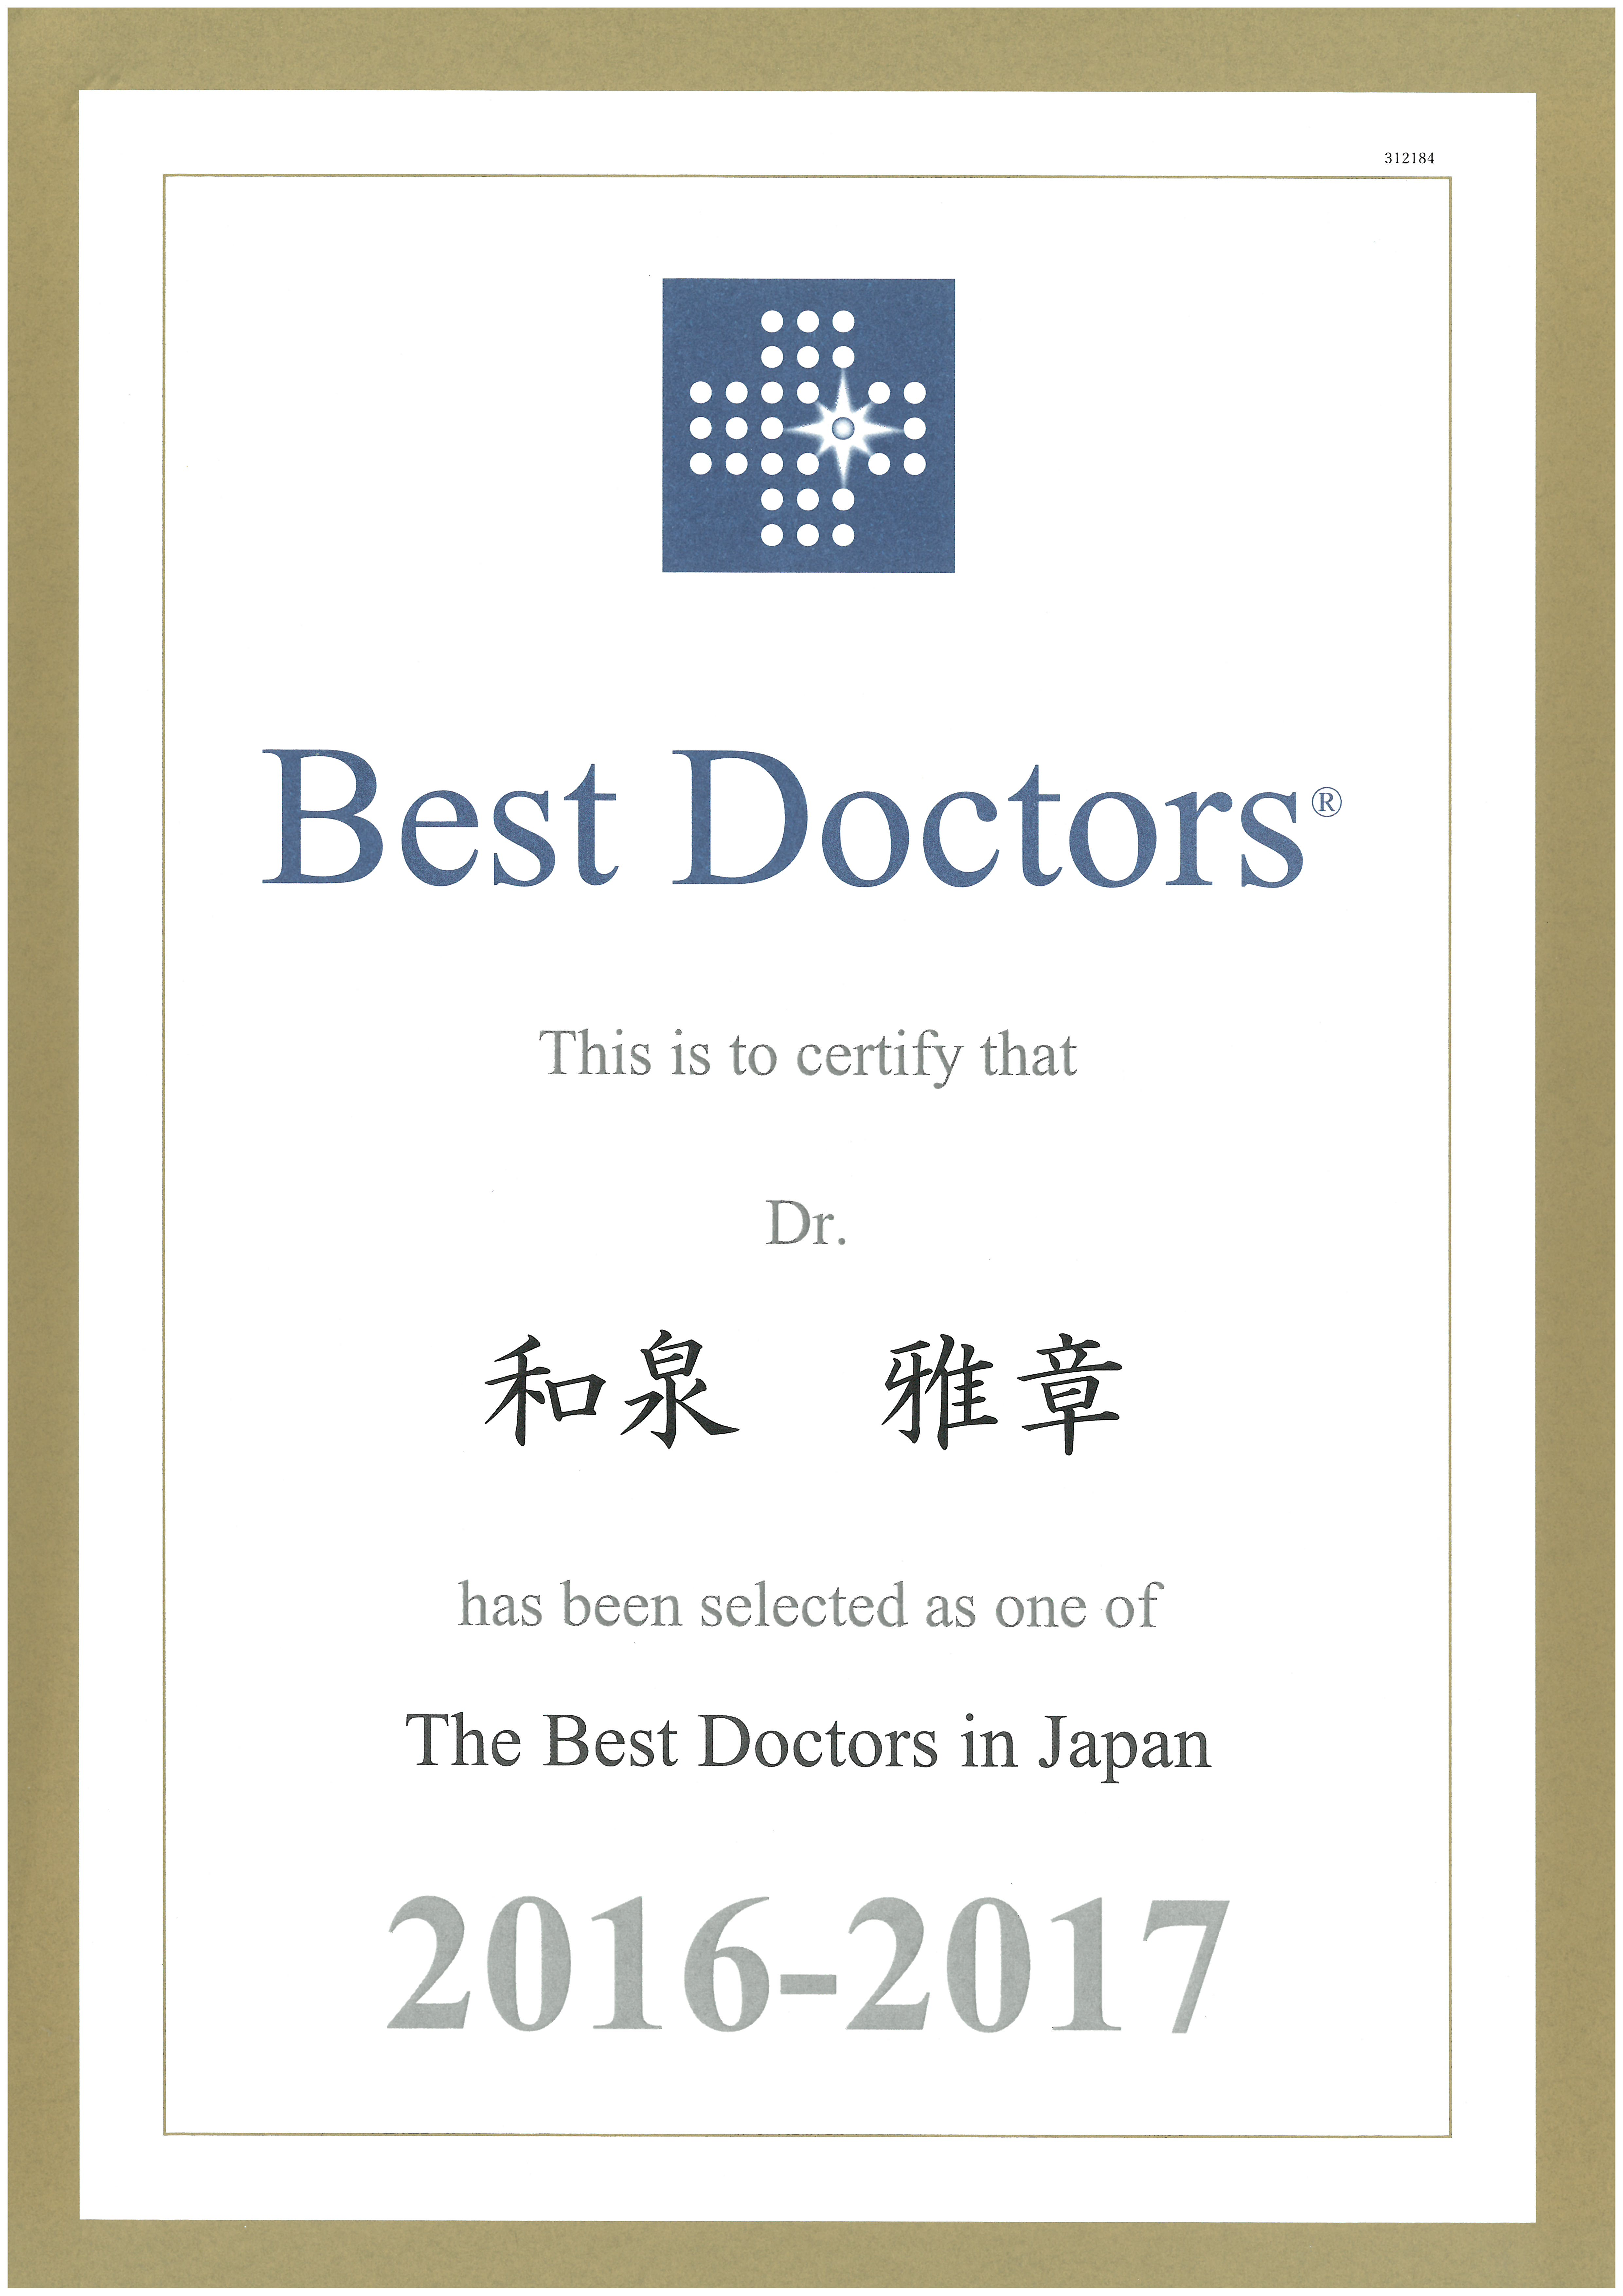 和泉ベストドクター